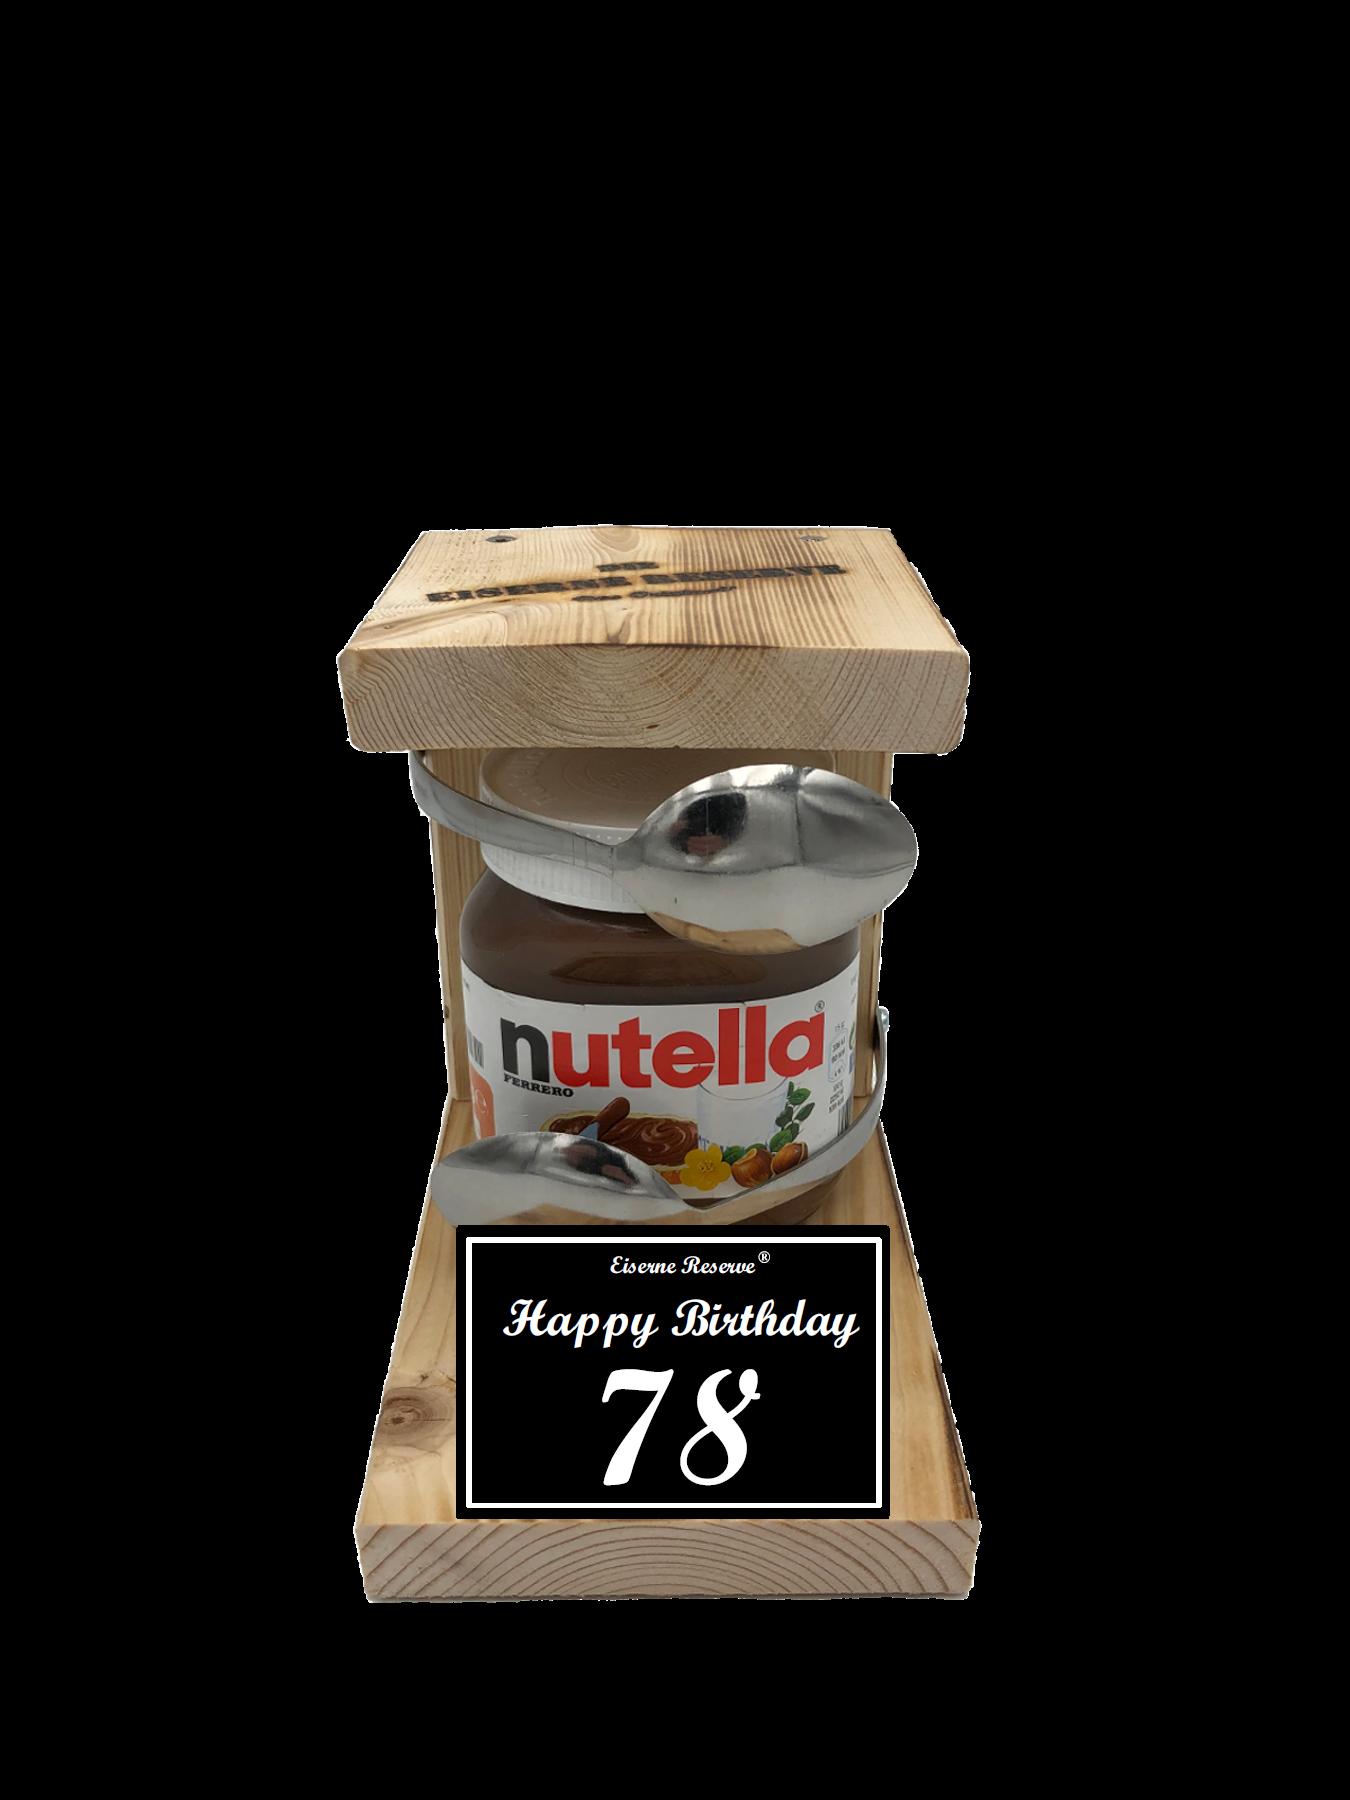 78 Happy Birthday Löffel Nutella Geschenk - Die Nutella Geschenkidee